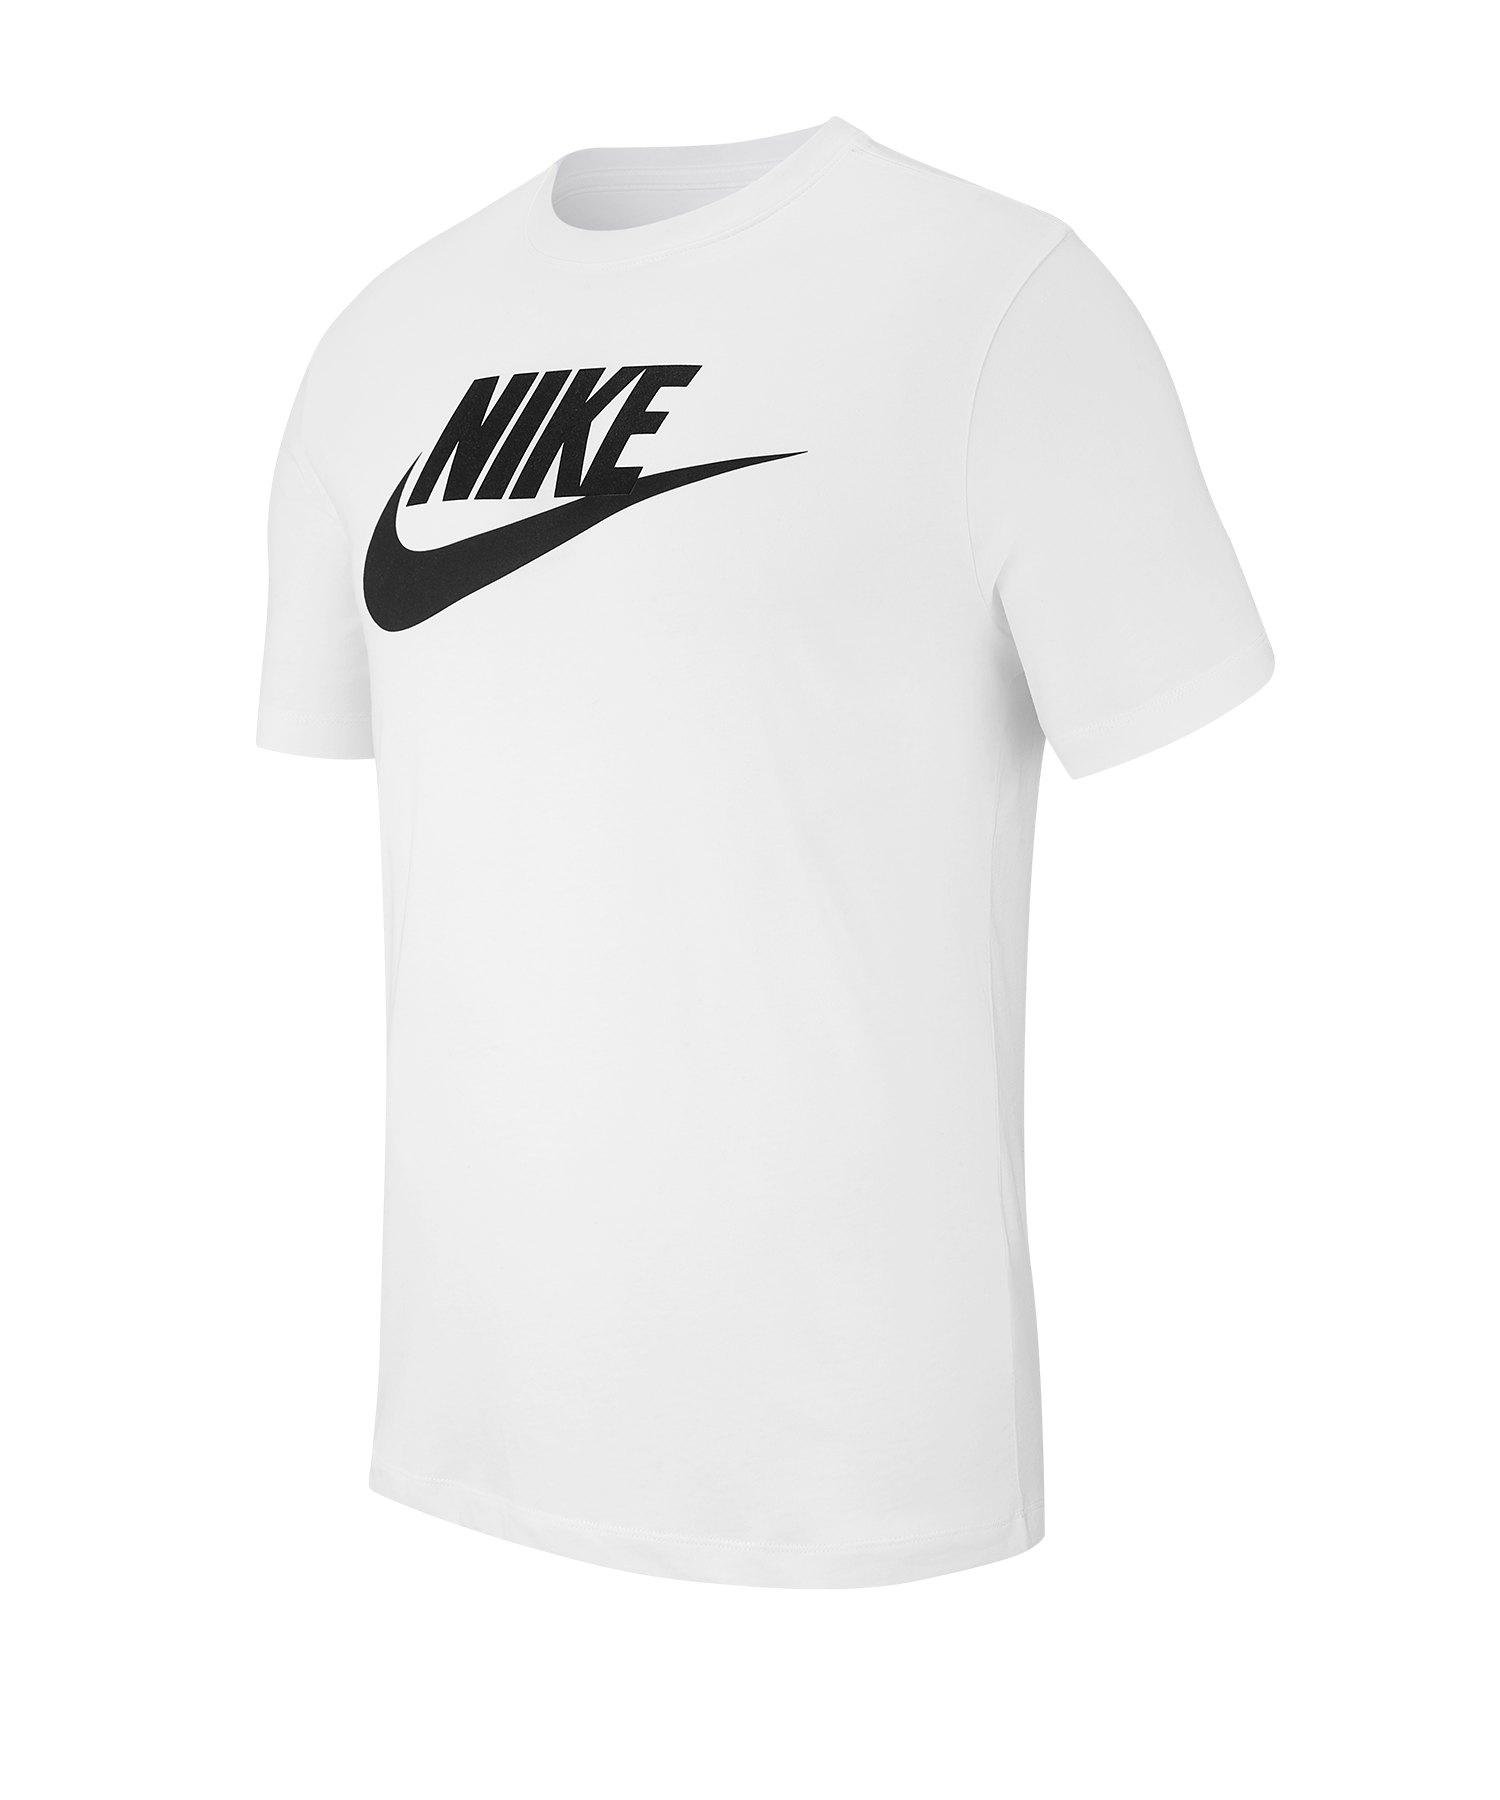 Nike Tee T-Shirt Weiss Schwarz F101 - weiss